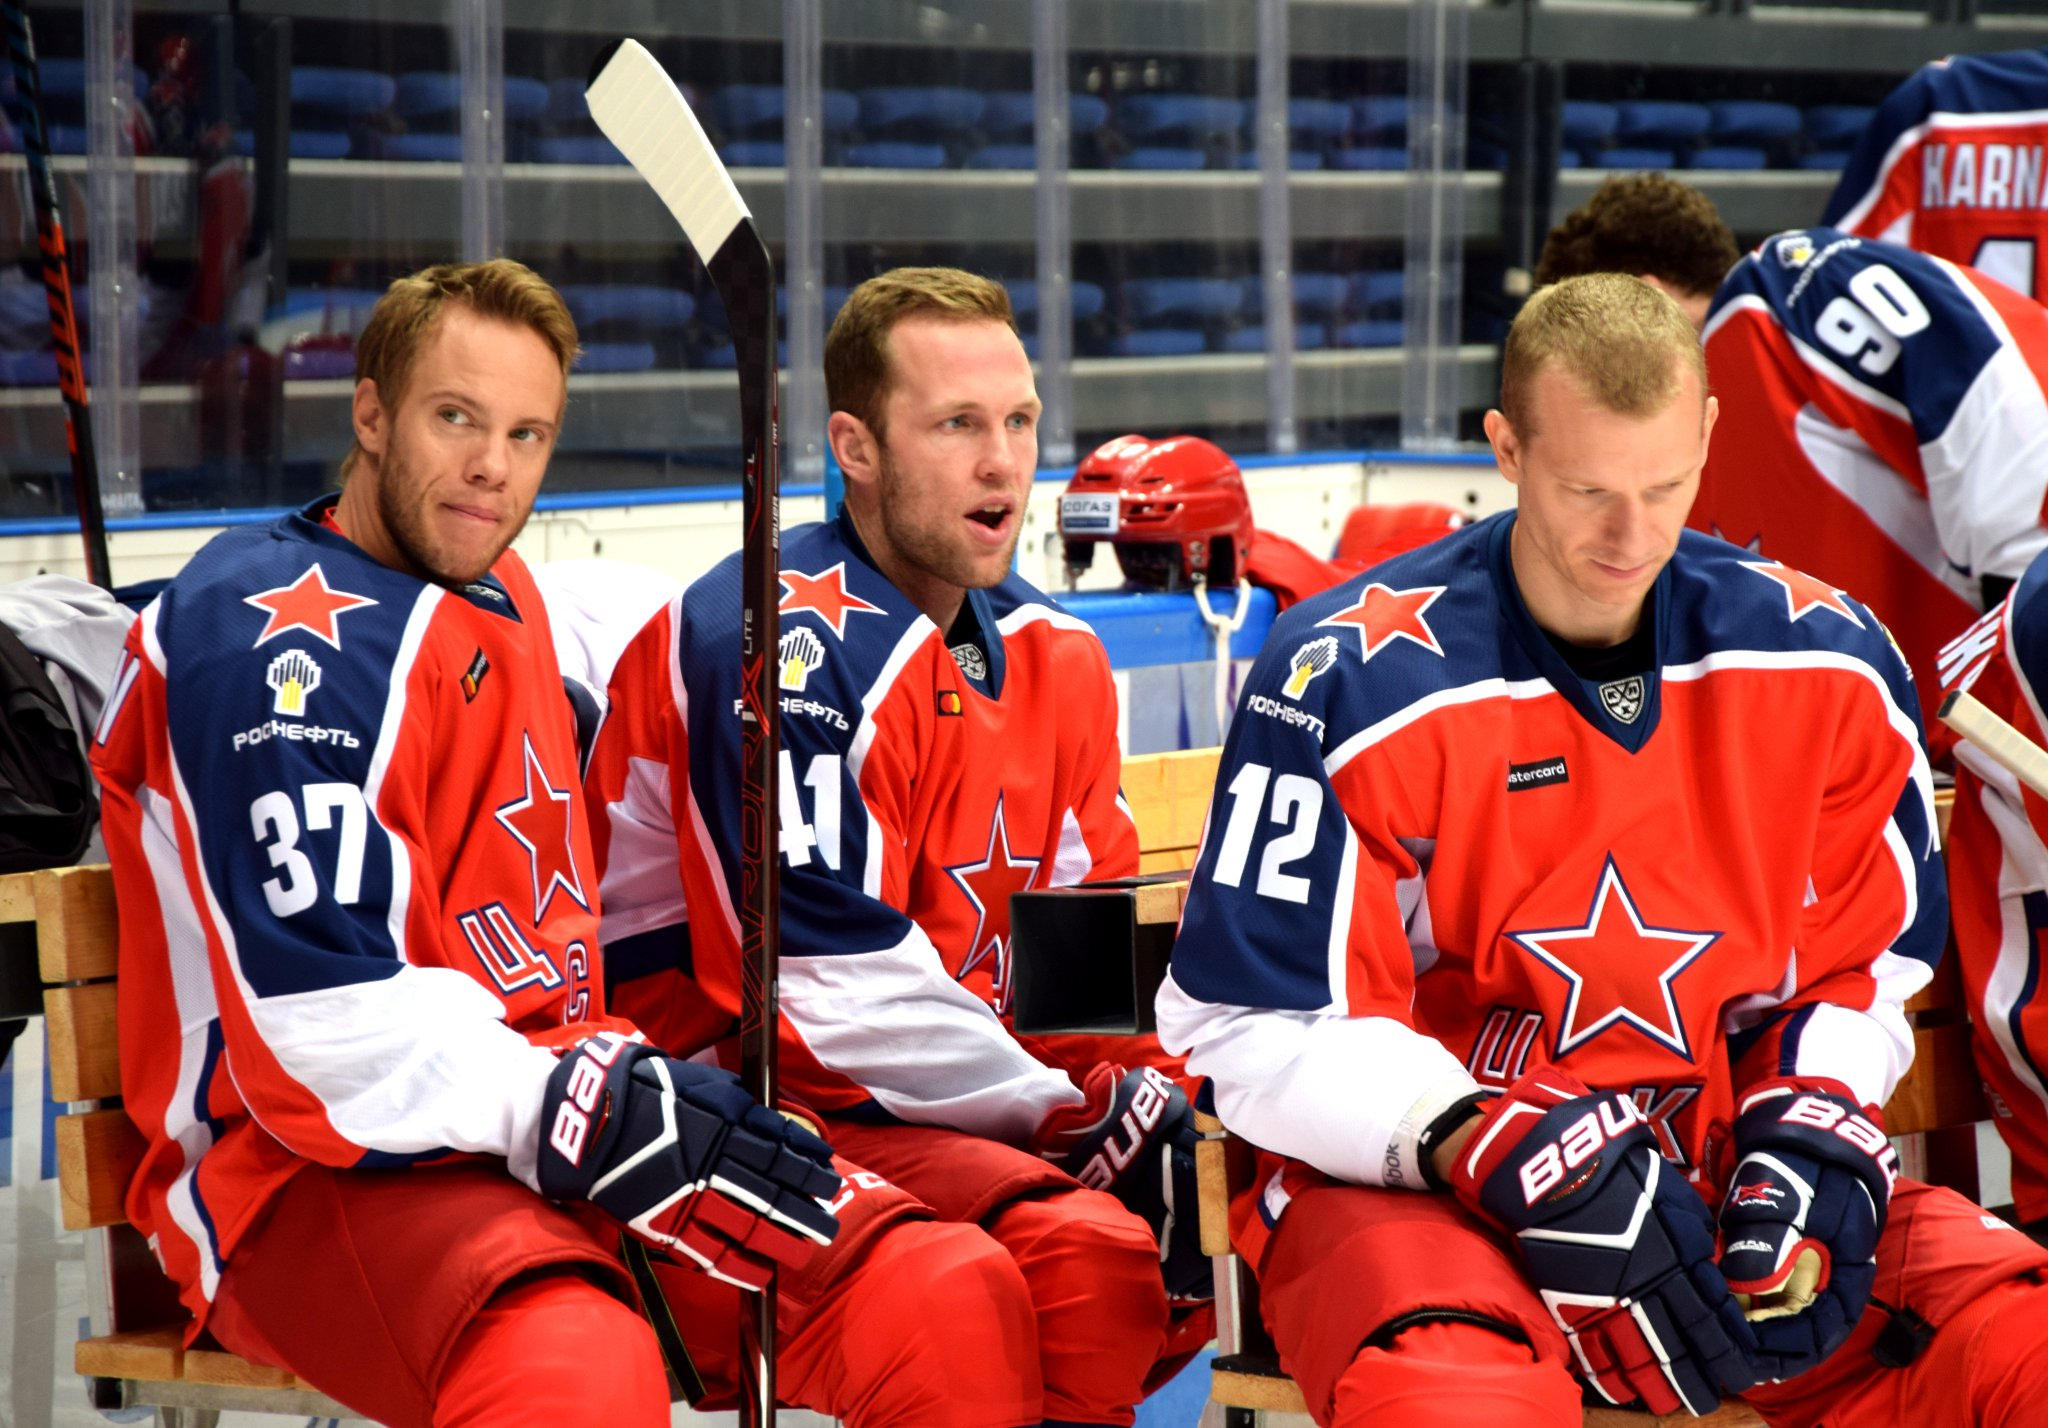 Состав хоккейного клуба цска москва все ночные клубы города иваново